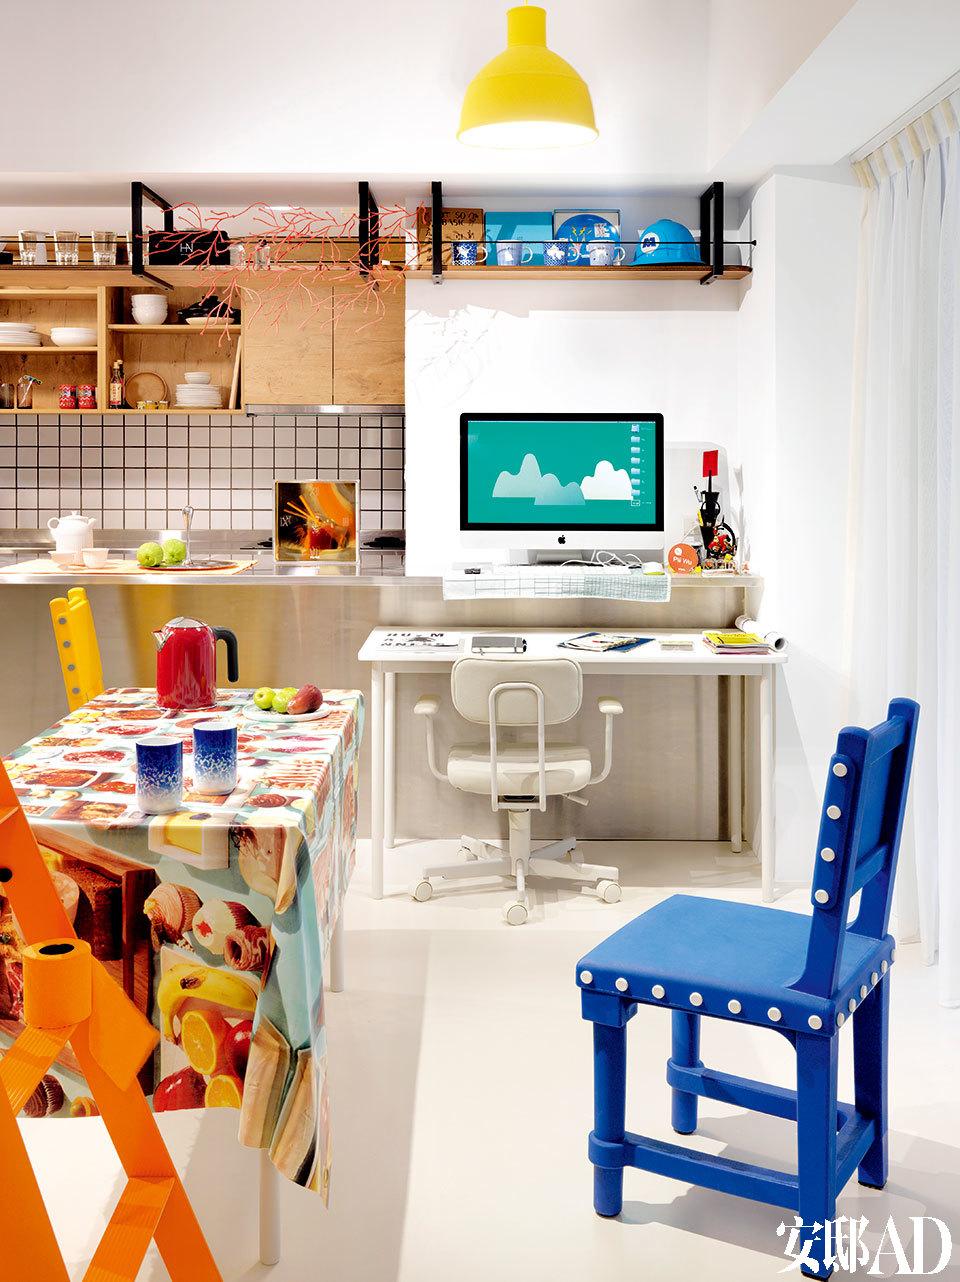 """喜欢收集有创意的宣传单的Pili,也喜欢像用贴纸贴满行李箱一样,以好的设计与饱含情意的收藏""""贴""""满自己的家。岛台上的透明座钟来自Kartell,是Philippe Starck 2010年的设计。岛台上方吊柜上的橘色枝桠状挂饰来自Vitra。电脑屏幕上出现的画面是Pili与大学时为自己做模型的打铁师傅们一起合作的书挡作品""""青山""""。"""